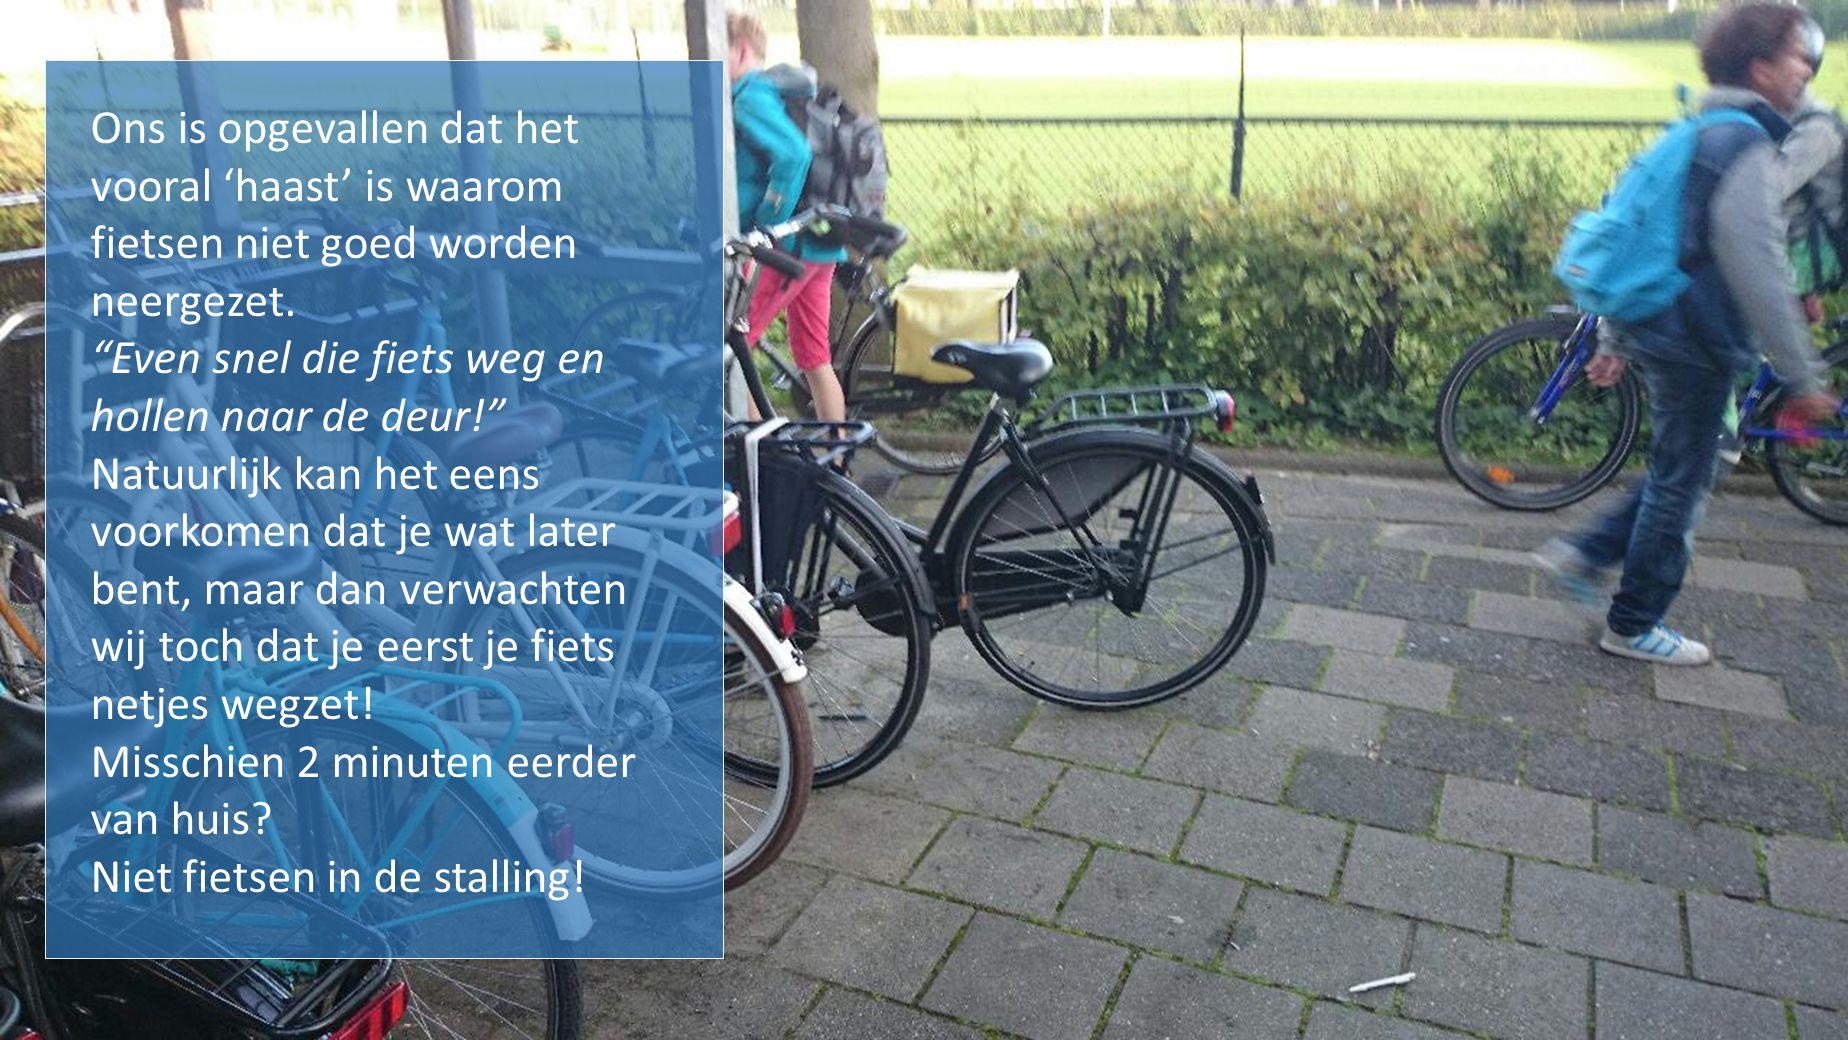 Ons is opgevallen dat het vooral 'haast' is waarom fietsen niet goed worden neergezet.